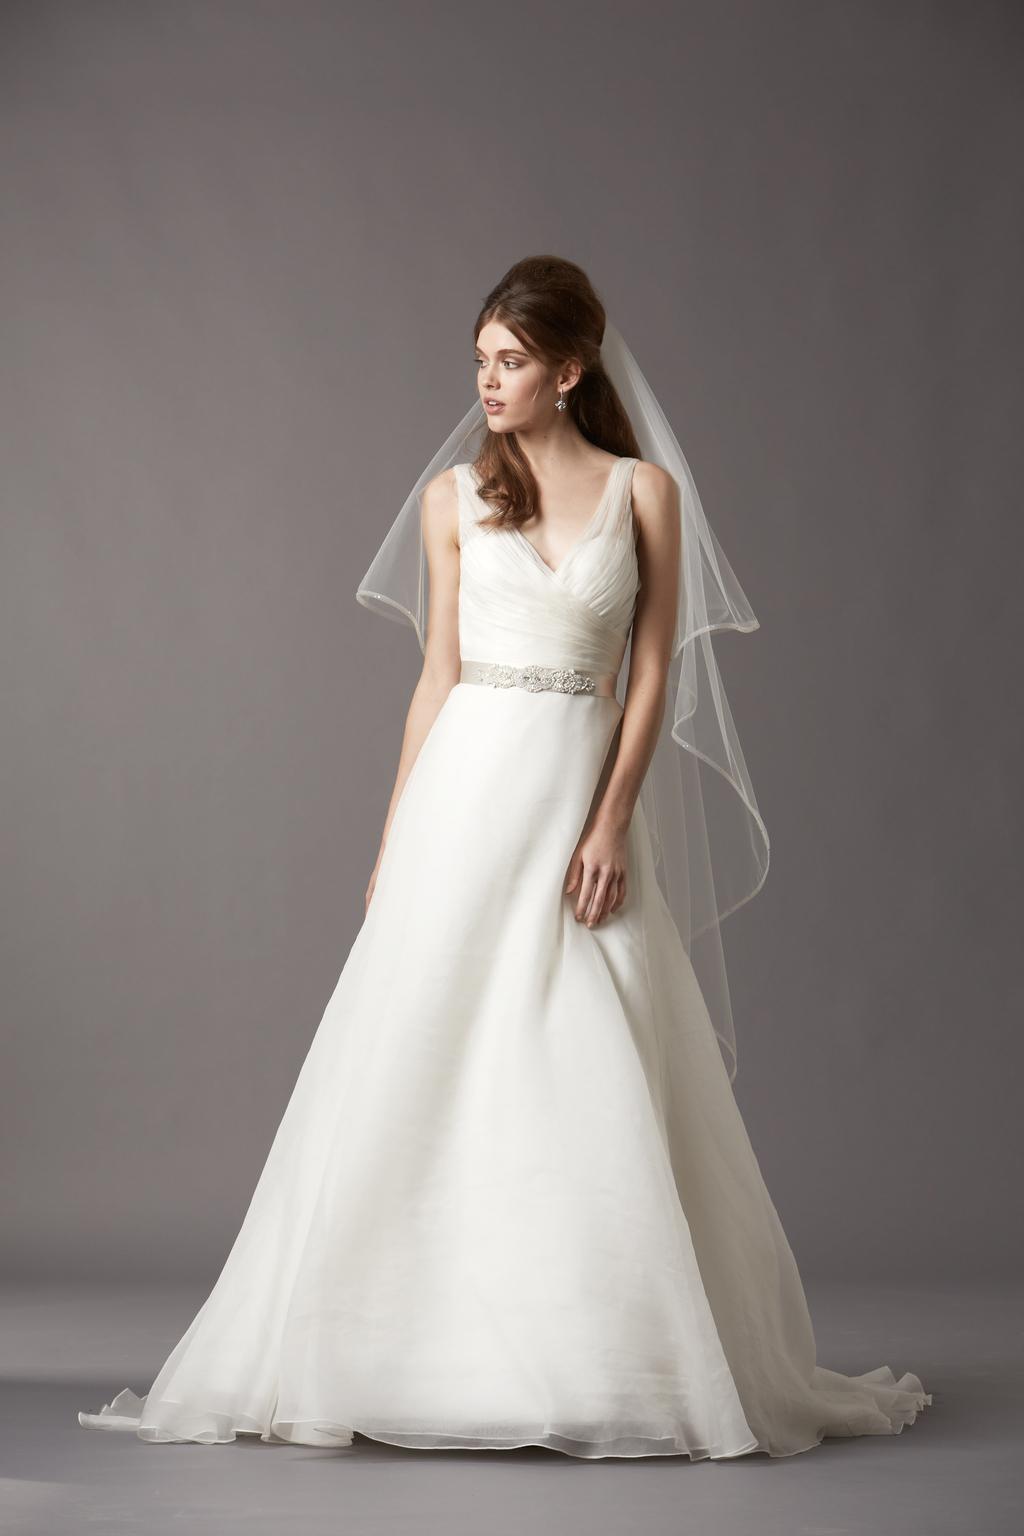 Watters-bridal-gowns-fall-2013-wedding-dress-4023b.full